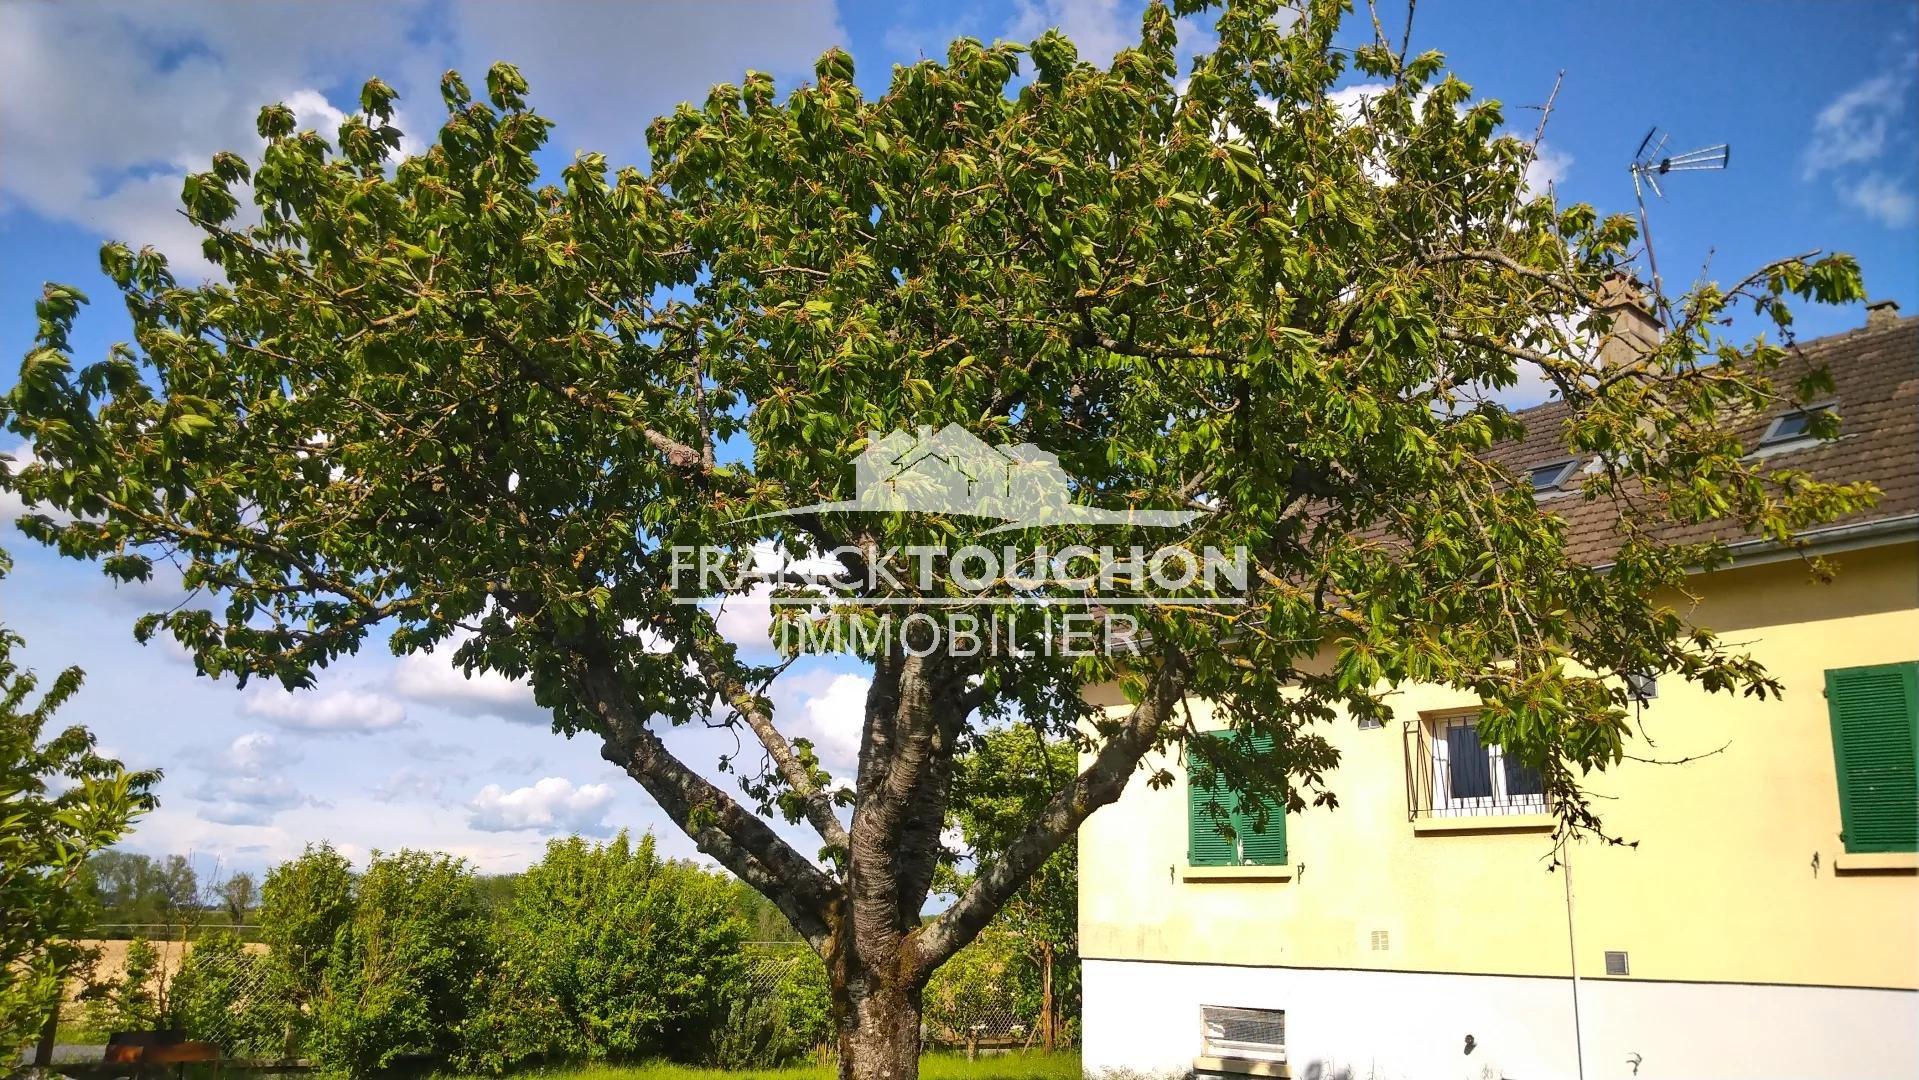 Maison -  6 Pièces - 5 CH - SH 138 m²- Terrain 800 m²